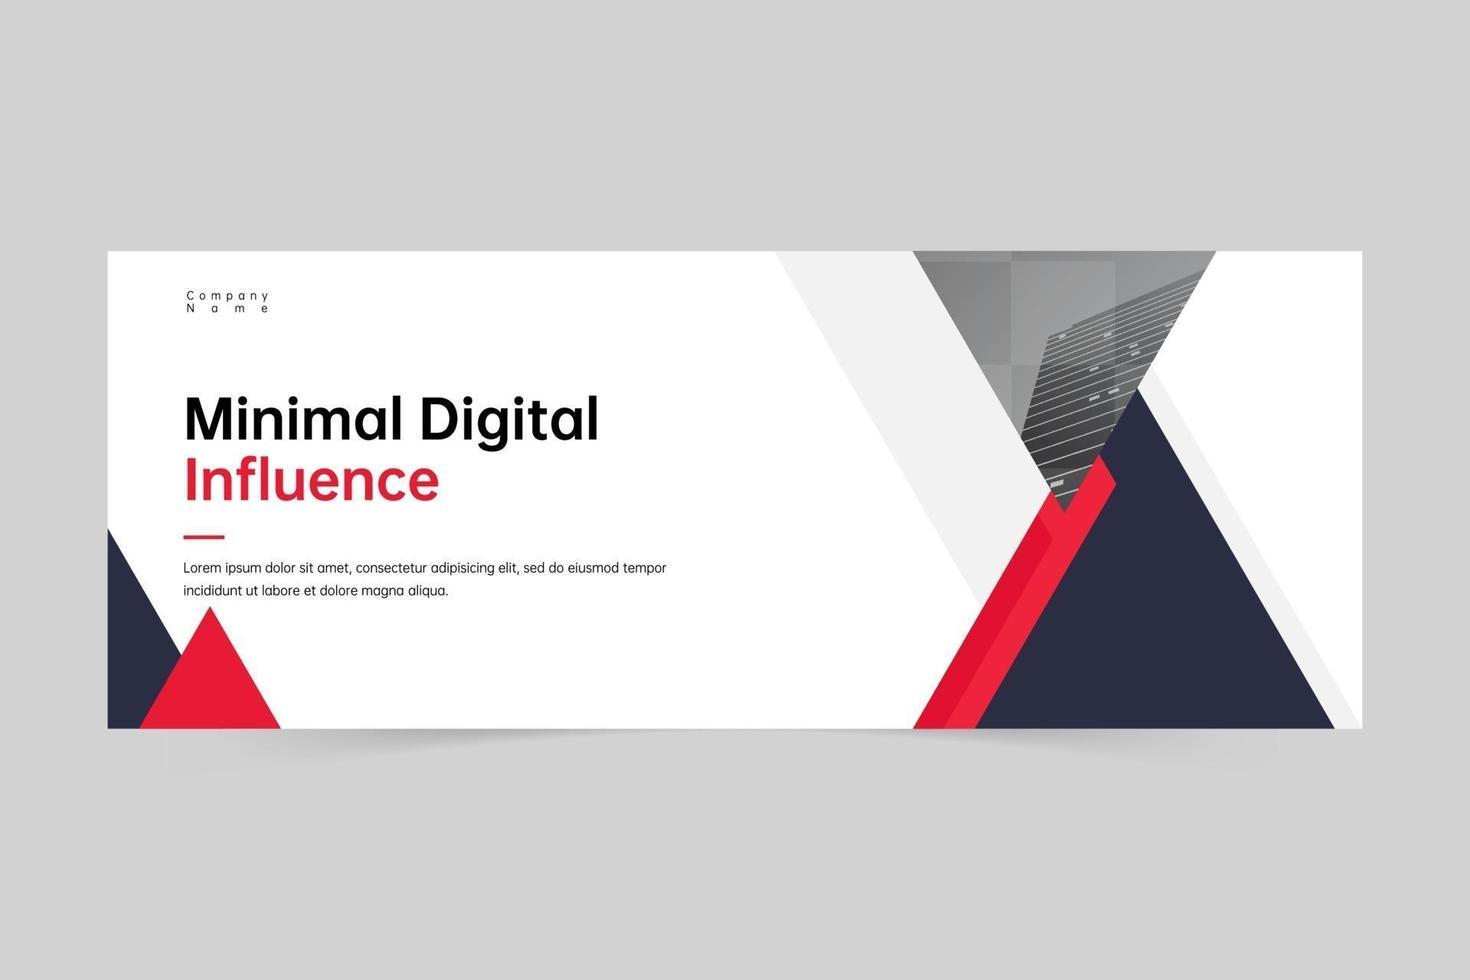 kreative geometrische professionelle digitale Marketingagentur Banner Vorlage vektor